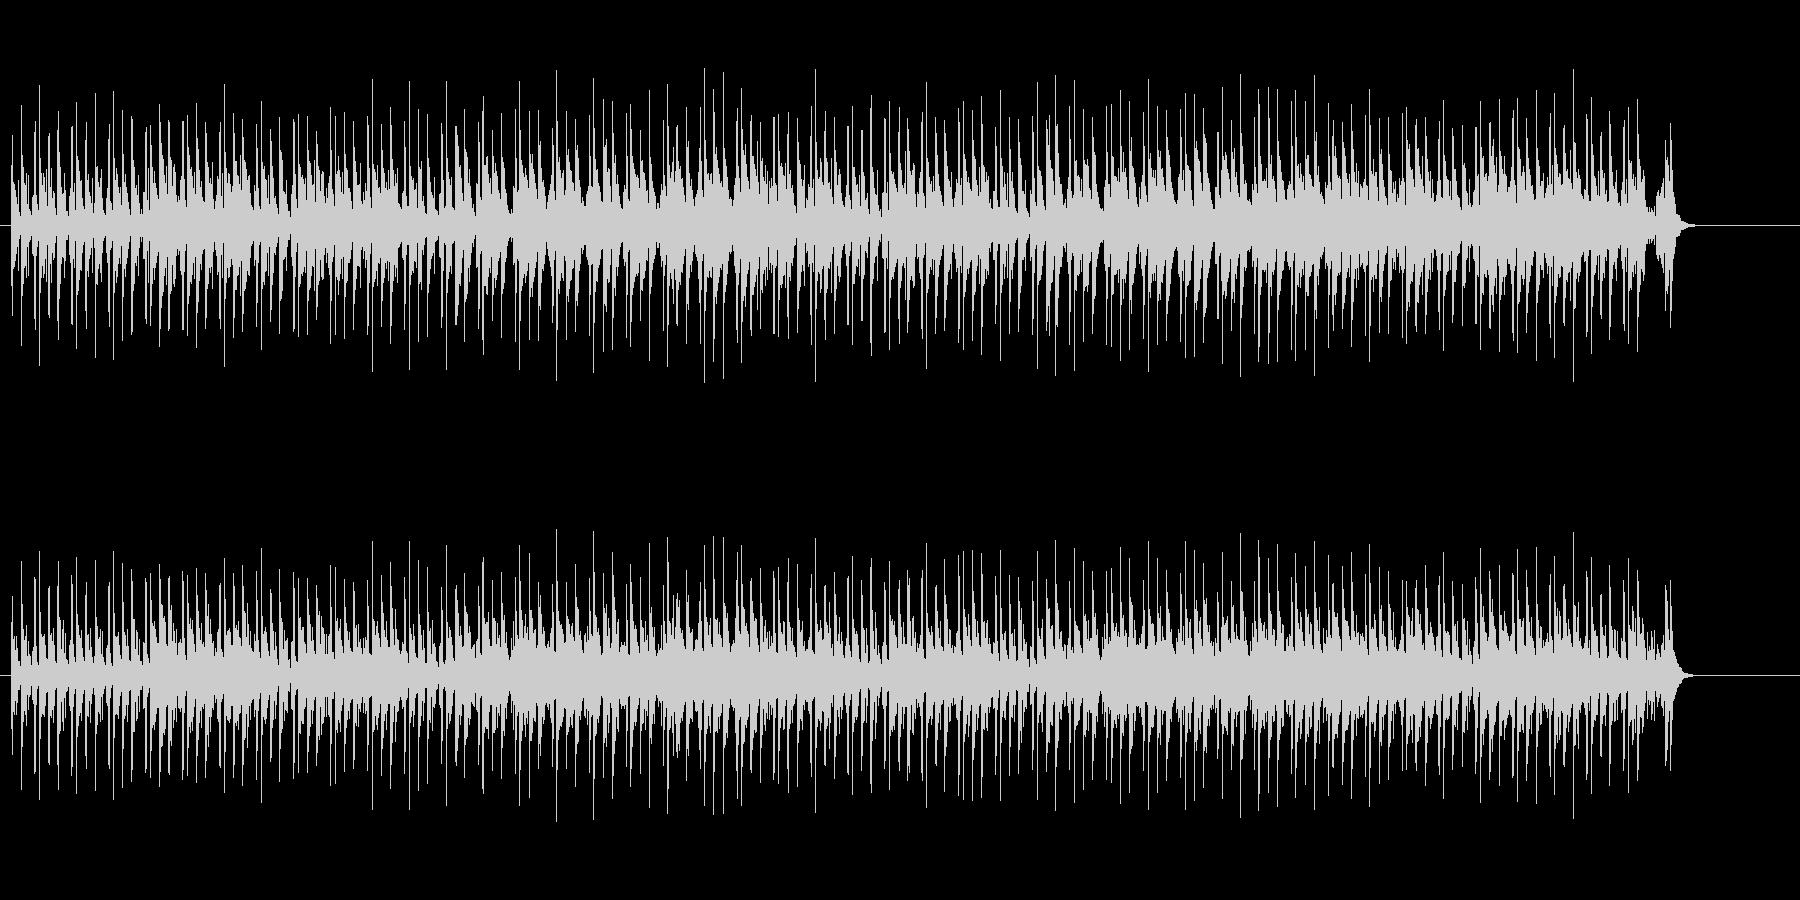 情緒的なユーロ・ポップス風の曲の未再生の波形